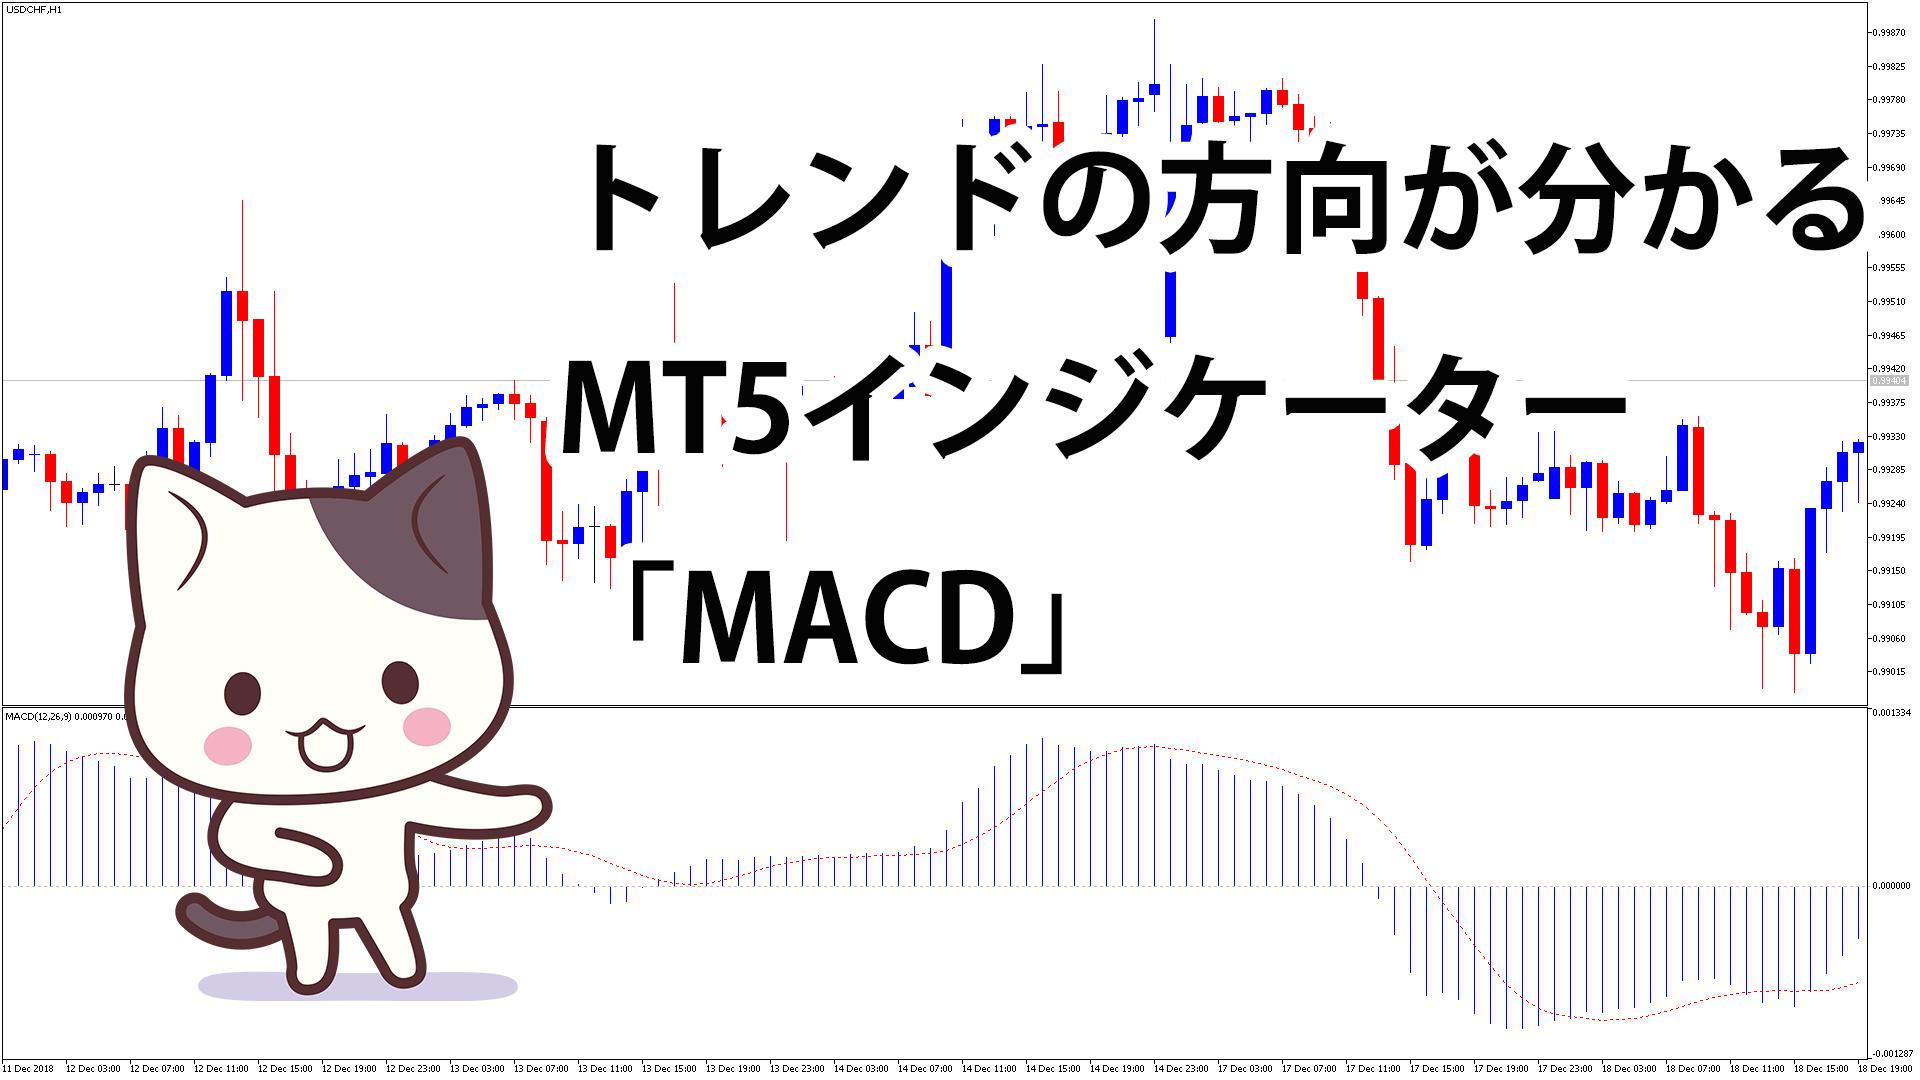 トレンドの方向を表示するMT5インジケーター「MACD」